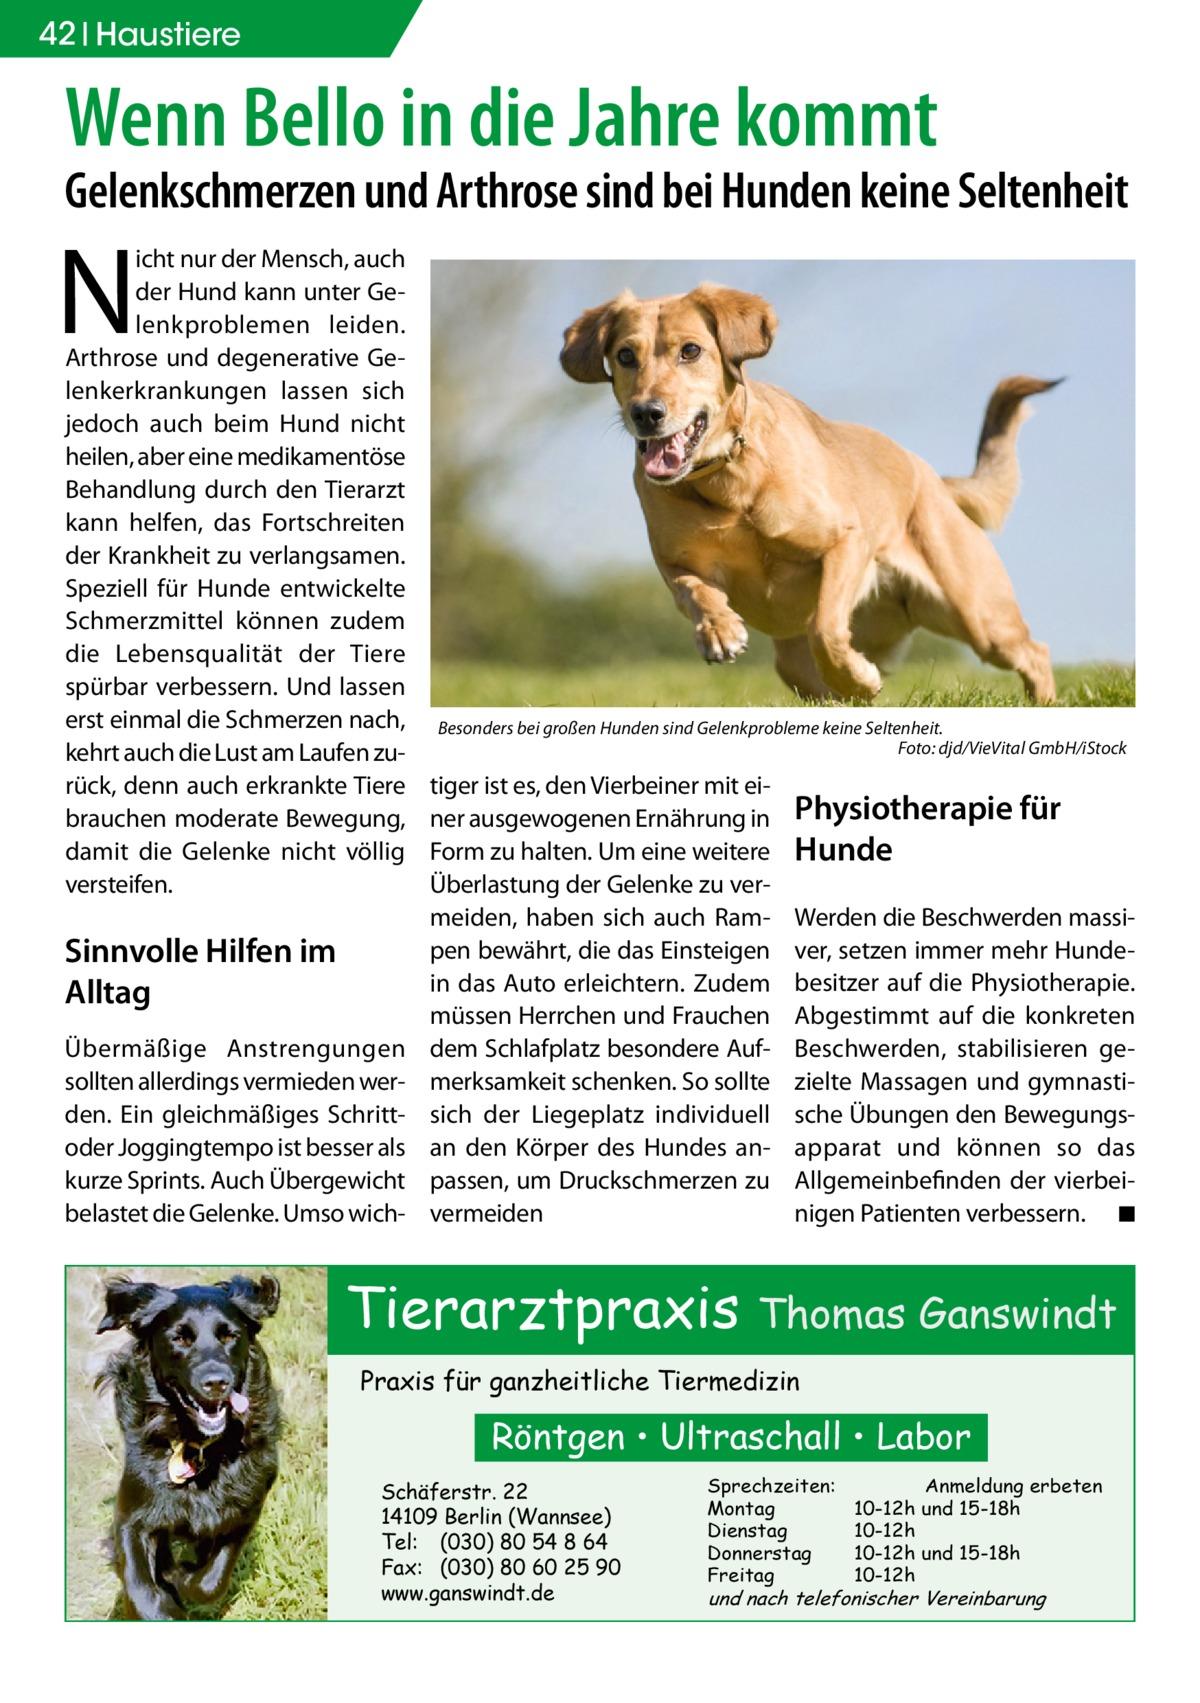 42 Haustiere  Wenn Bello in die Jahre kommt  Gelenkschmerzen und Arthrose sind bei Hunden keine Seltenheit  N  icht nur der Mensch, auch der Hund kann unter Gelenkproblemen leiden. Arthrose und degenerative Gelenkerkrankungen lassen sich jedoch auch beim Hund nicht heilen, aber eine medikamentöse Behandlung durch den Tierarzt kann helfen, das Fortschreiten der Krankheit zu verlangsamen. Speziell für Hunde entwickelte Schmerzmittel können zudem die Lebensqualität der Tiere spürbar verbessern. Und lassen erst einmal die Schmerzen nach, kehrt auch die Lust am Laufen zurück, denn auch erkrankte Tiere brauchen moderate Bewegung, damit die Gelenke nicht völlig versteifen.  Sinnvolle Hilfen im Alltag Übermäßige Anstrengungen sollten allerdings vermieden werden. Ein gleichmäßiges Schrittoder Joggingtempo ist besser als kurze Sprints. Auch Übergewicht belastet die Gelenke. Umso wich Besonders bei großen Hunden sind Gelenkprobleme keine Seltenheit. � Foto: djd/VieVital GmbH/iStock  tiger ist es, den Vierbeiner mit einer ausgewogenen Ernährung in Form zu halten. Um eine weitere Überlastung der Gelenke zu vermeiden, haben sich auch Rampen bewährt, die das Einsteigen in das Auto erleichtern. Zudem müssen Herrchen und Frauchen dem Schlafplatz besondere Aufmerksamkeit schenken. So sollte sich der Liegeplatz individuell an den Körper des Hundes anpassen, um Druckschmerzen zu vermeiden  Physiotherapie für Hunde Werden die Beschwerden massiver, setzen immer mehr Hundebesitzer auf die Physiotherapie. Abgestimmt auf die konkreten Beschwerden, stabilisieren gezielte Massagen und gymnastische Übungen den Bewegungsapparat und können so das Allgemeinbefinden der vierbeinigen Patienten verbessern. � ◾  Tierarztpraxis Thomas Ganswindt Praxis für ganzheitliche Tiermedizin  Röntgen • Ultraschall • Labor Schäferstr. 22 14109 Berlin (Wannsee) Tel: (030) 80 54 8 64 Fax: (030) 80 60 25 90 www.ganswindt.de  Sprechzeiten: Montag Dienstag Donnerstag Freitag  Anmeldung erbeten 10-12h und 15-18h 10-12h